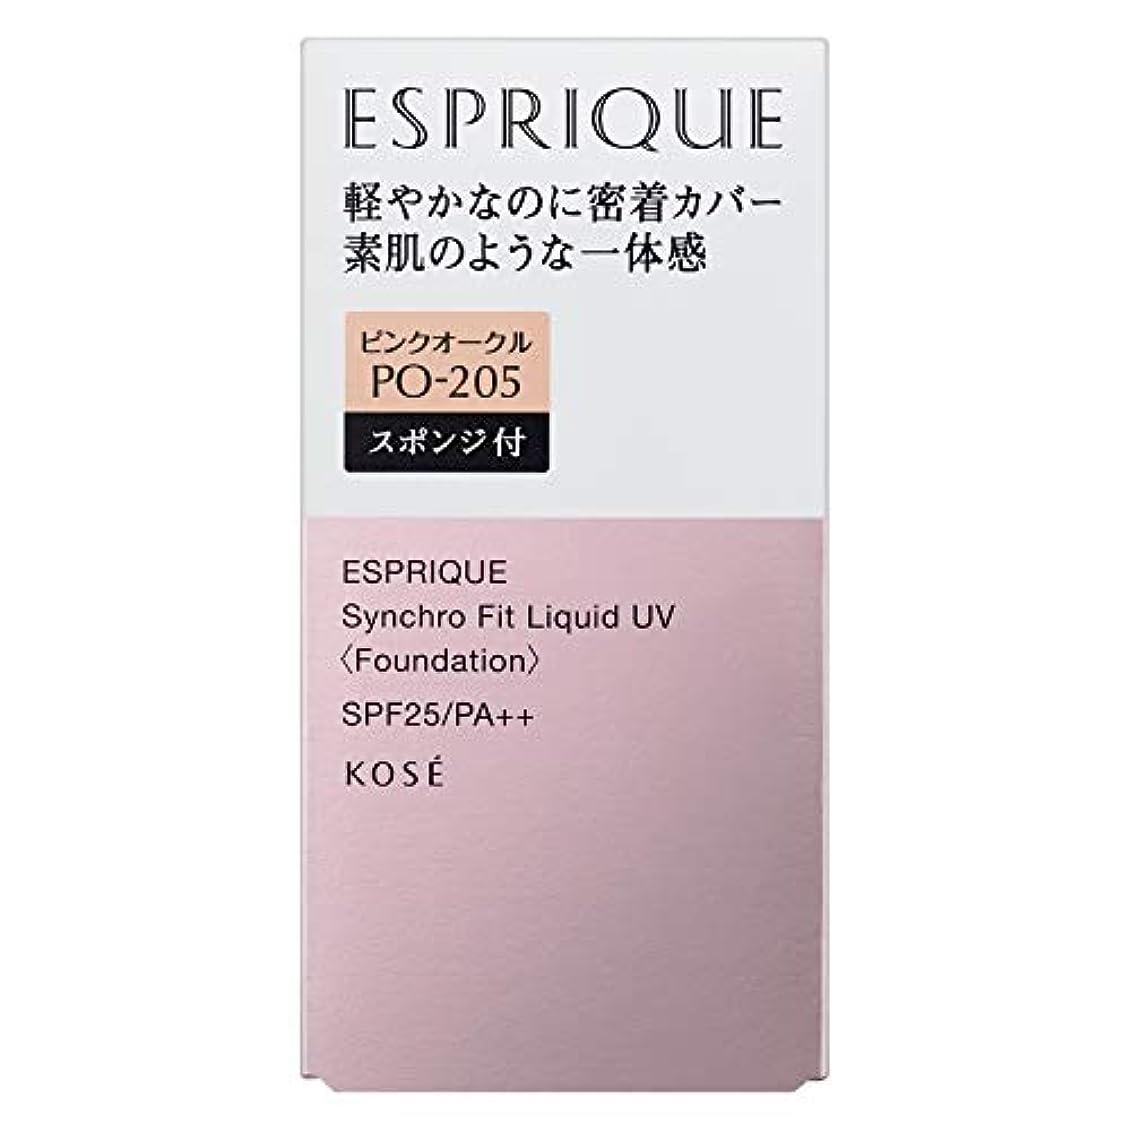 息苦しい四何でもESPRIQUE(エスプリーク) エスプリーク シンクロフィット リキッド UV ファンデーション 無香料 PO-205 ピンクオークル 30g